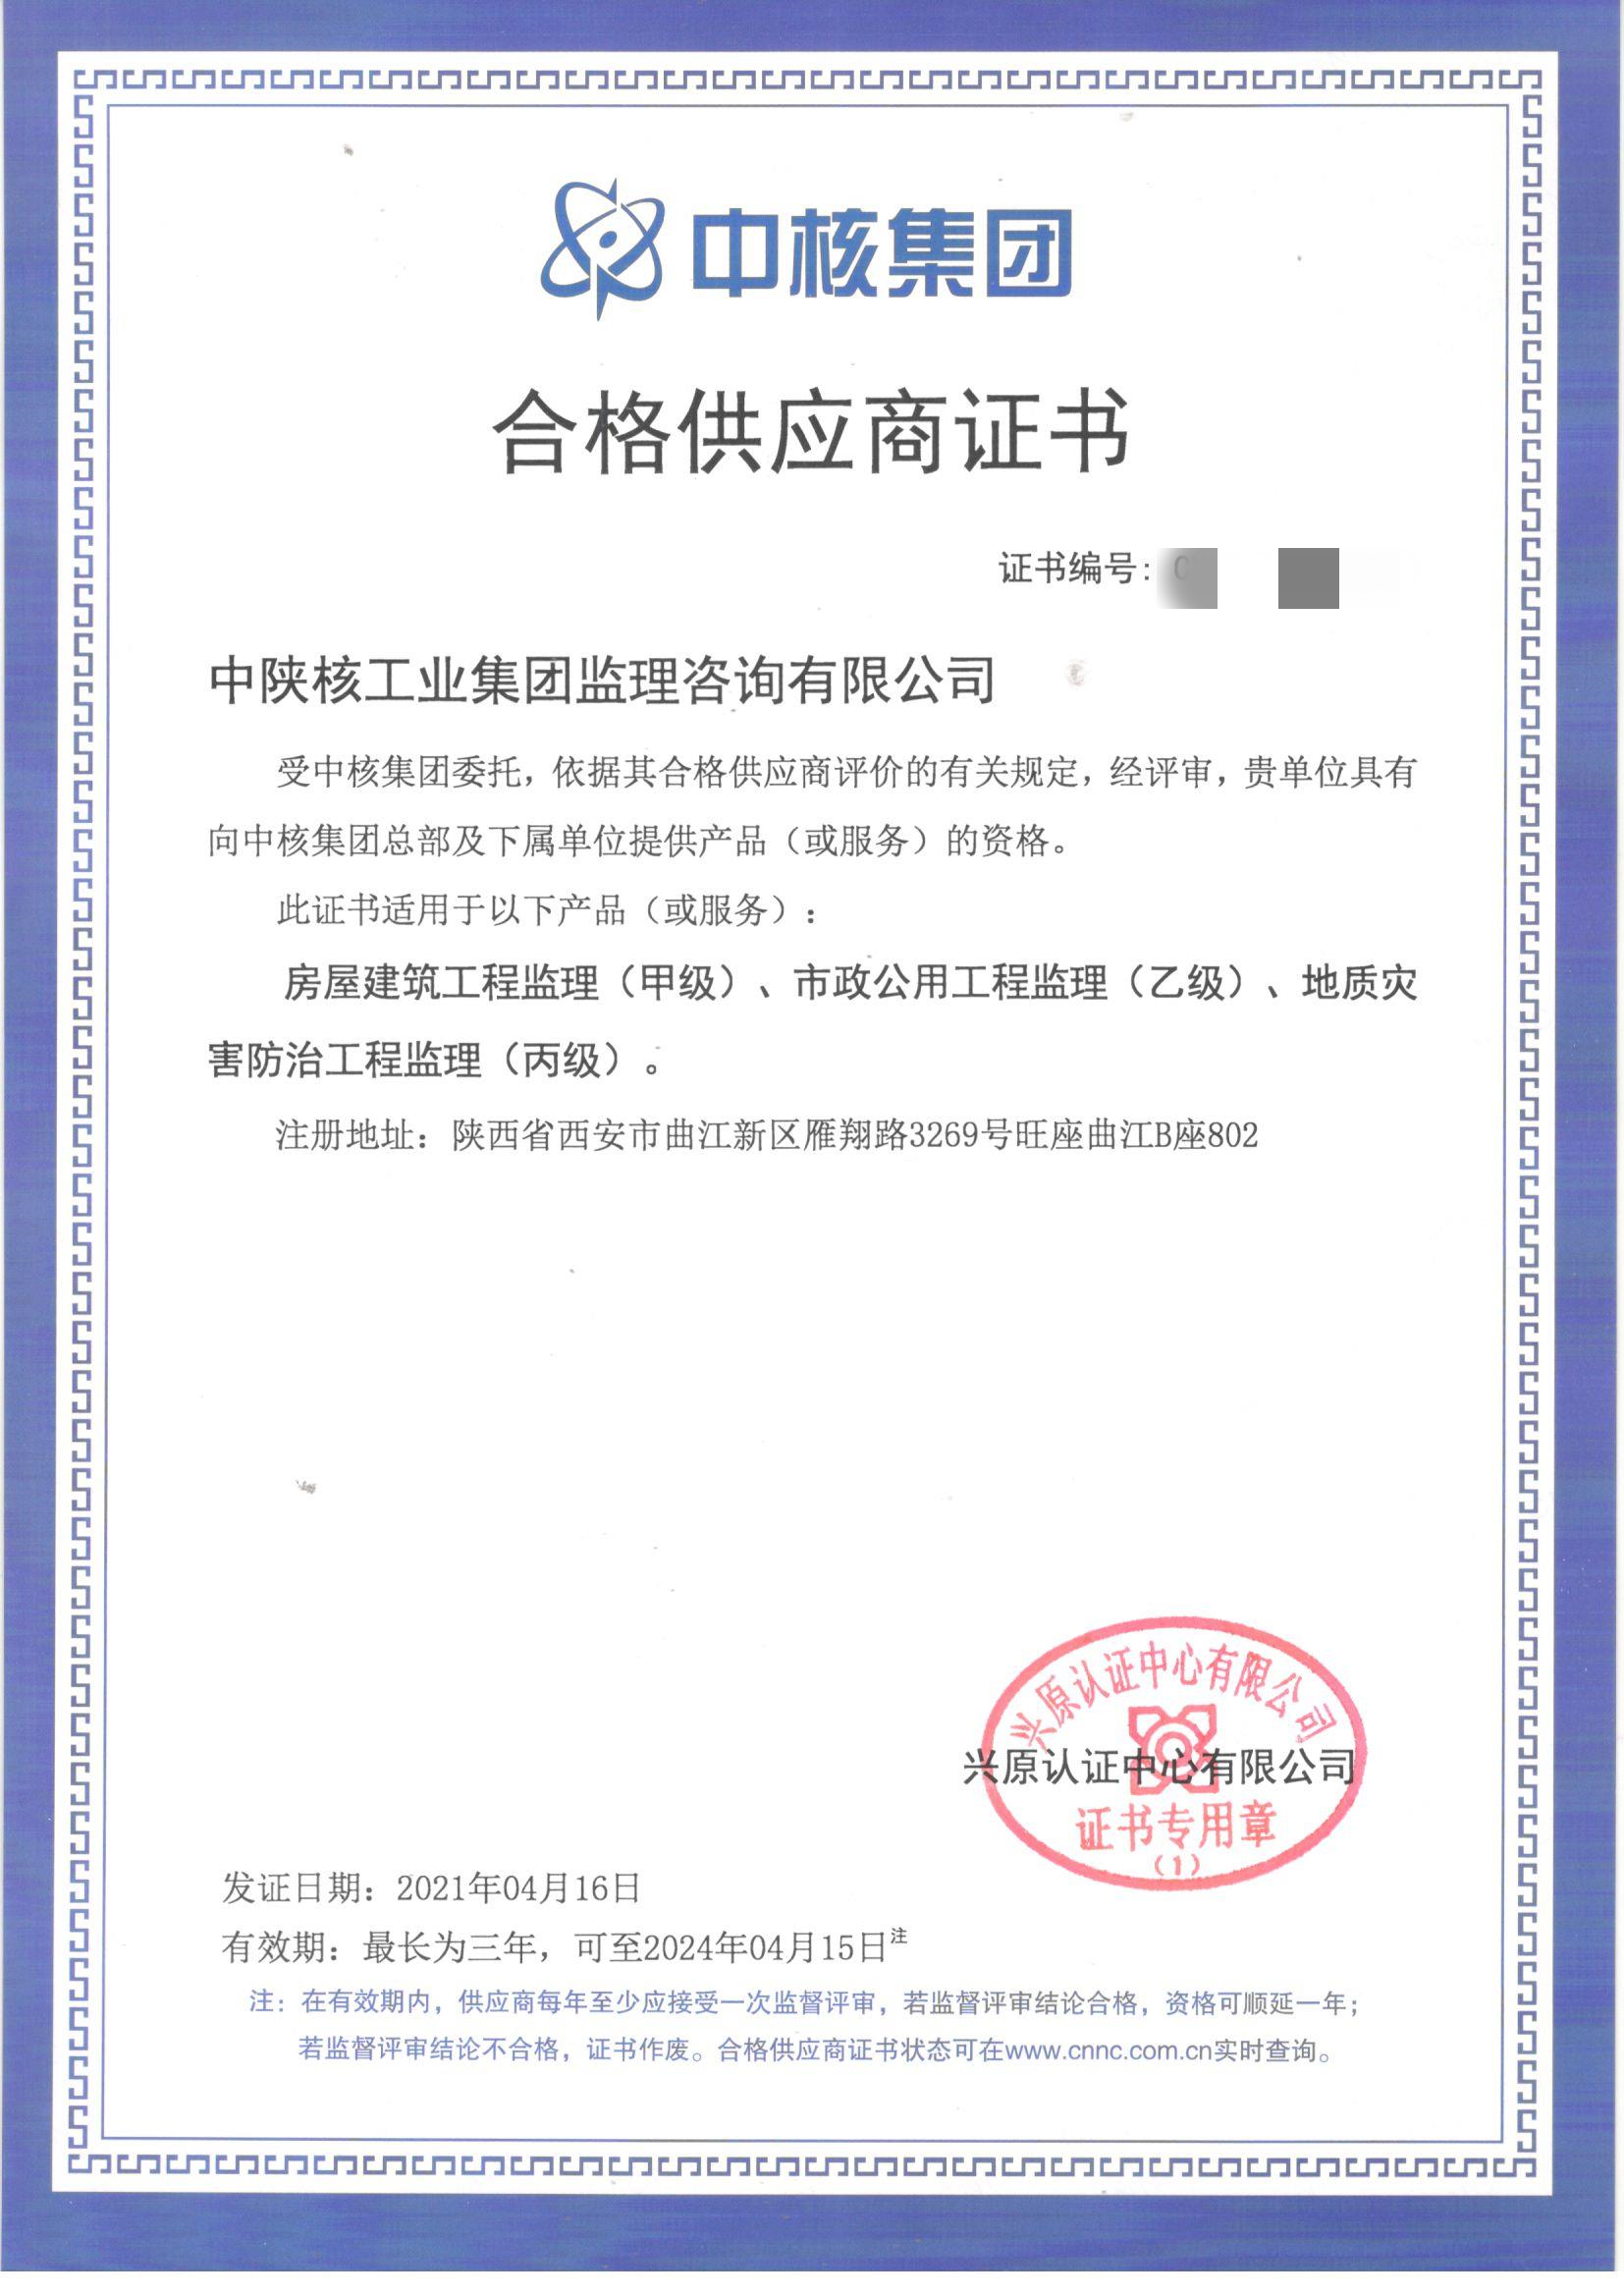 监理公司成功入围中核集团合格供应商名录库